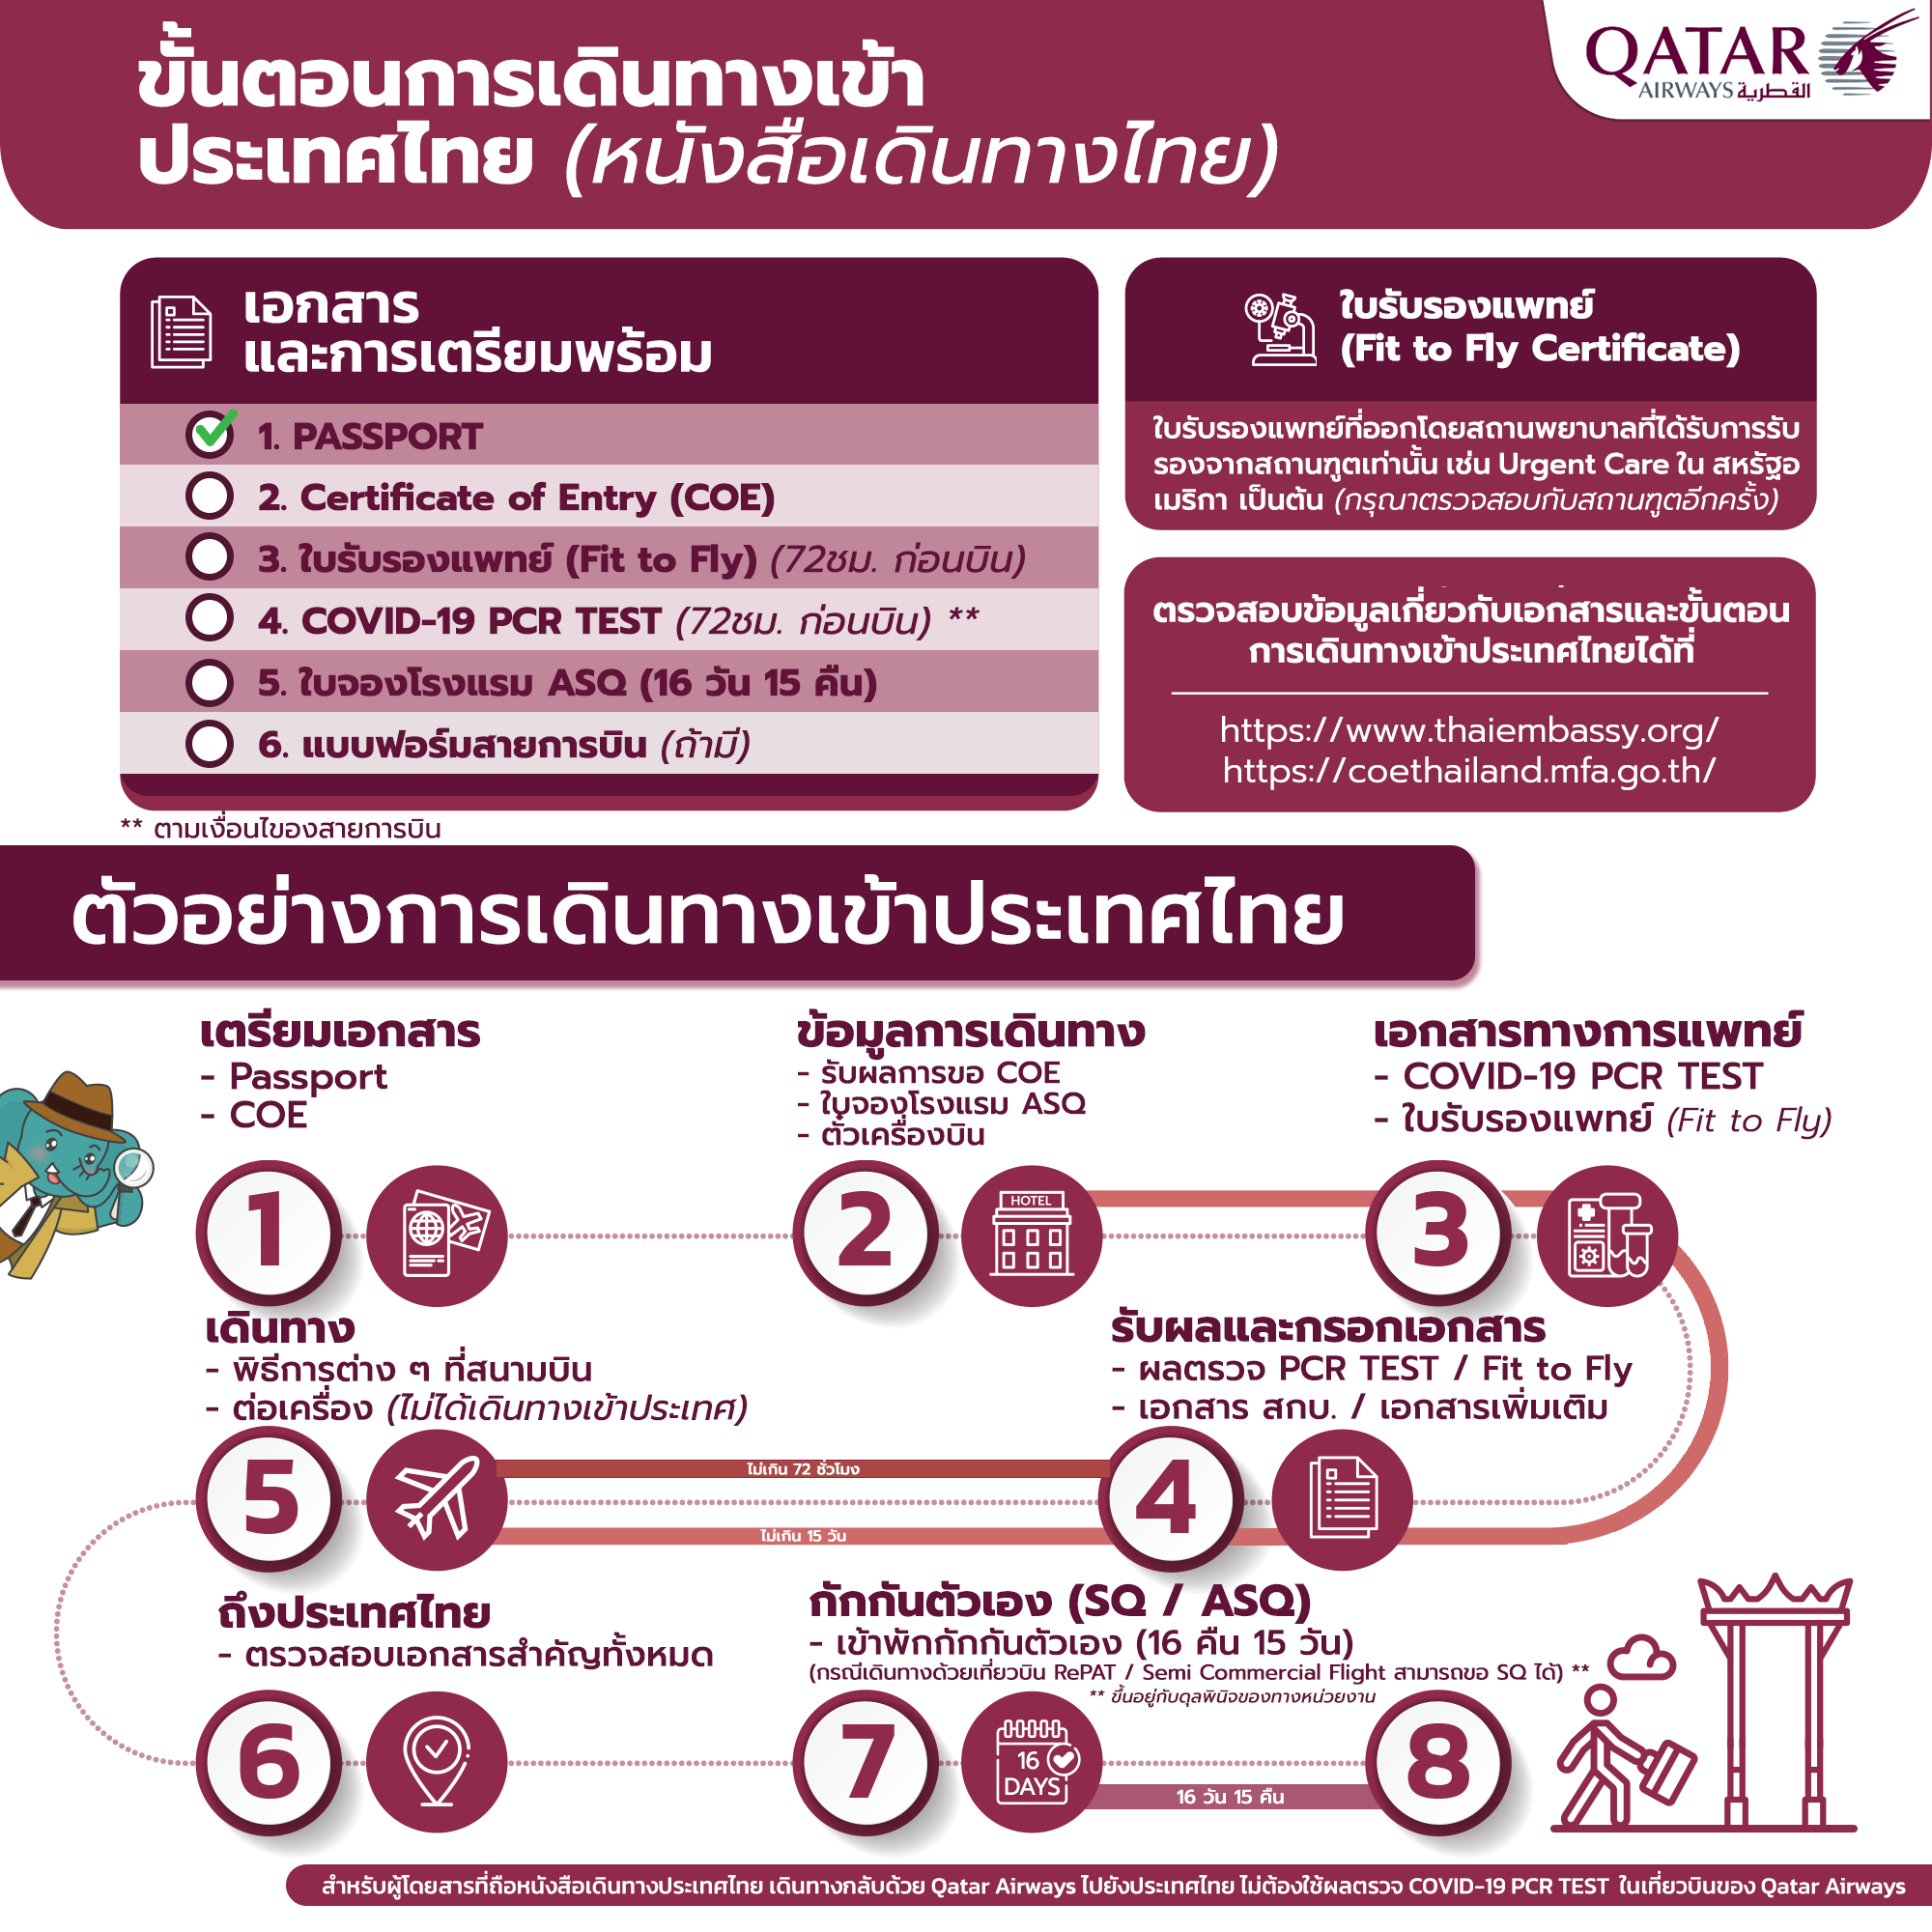 เดินทางเข้าประเทศไทย โควิด เดินทางต่างประเทศช่วงโควิด